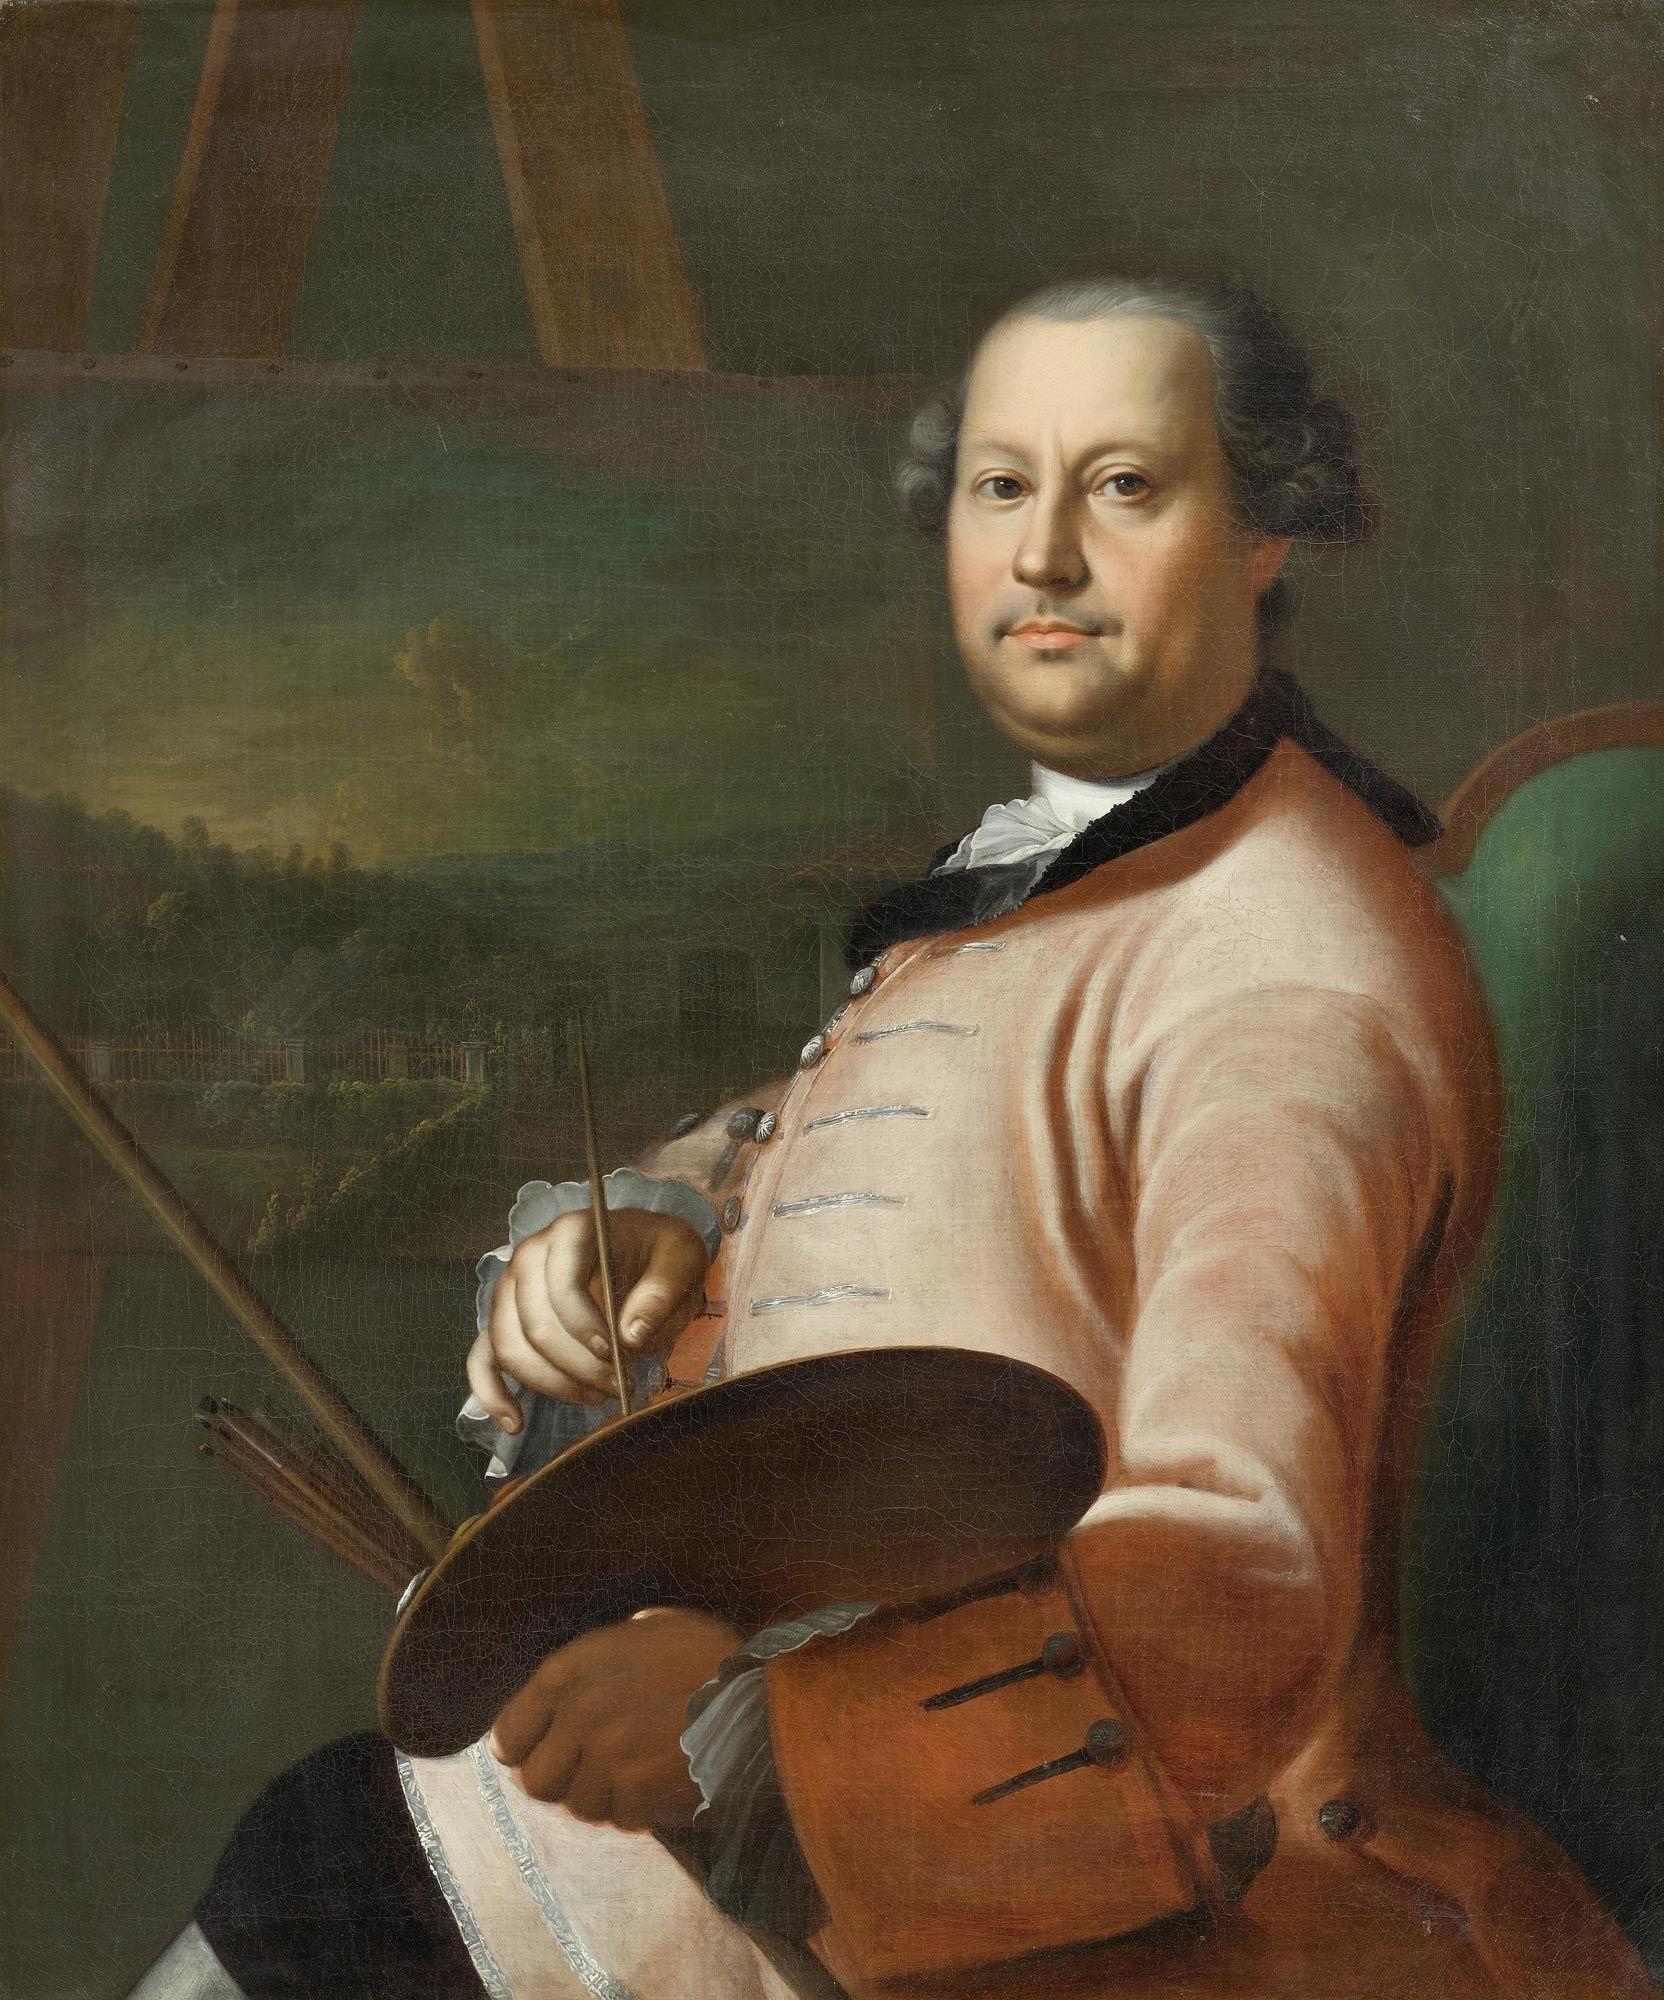 Christian Georg Schütz